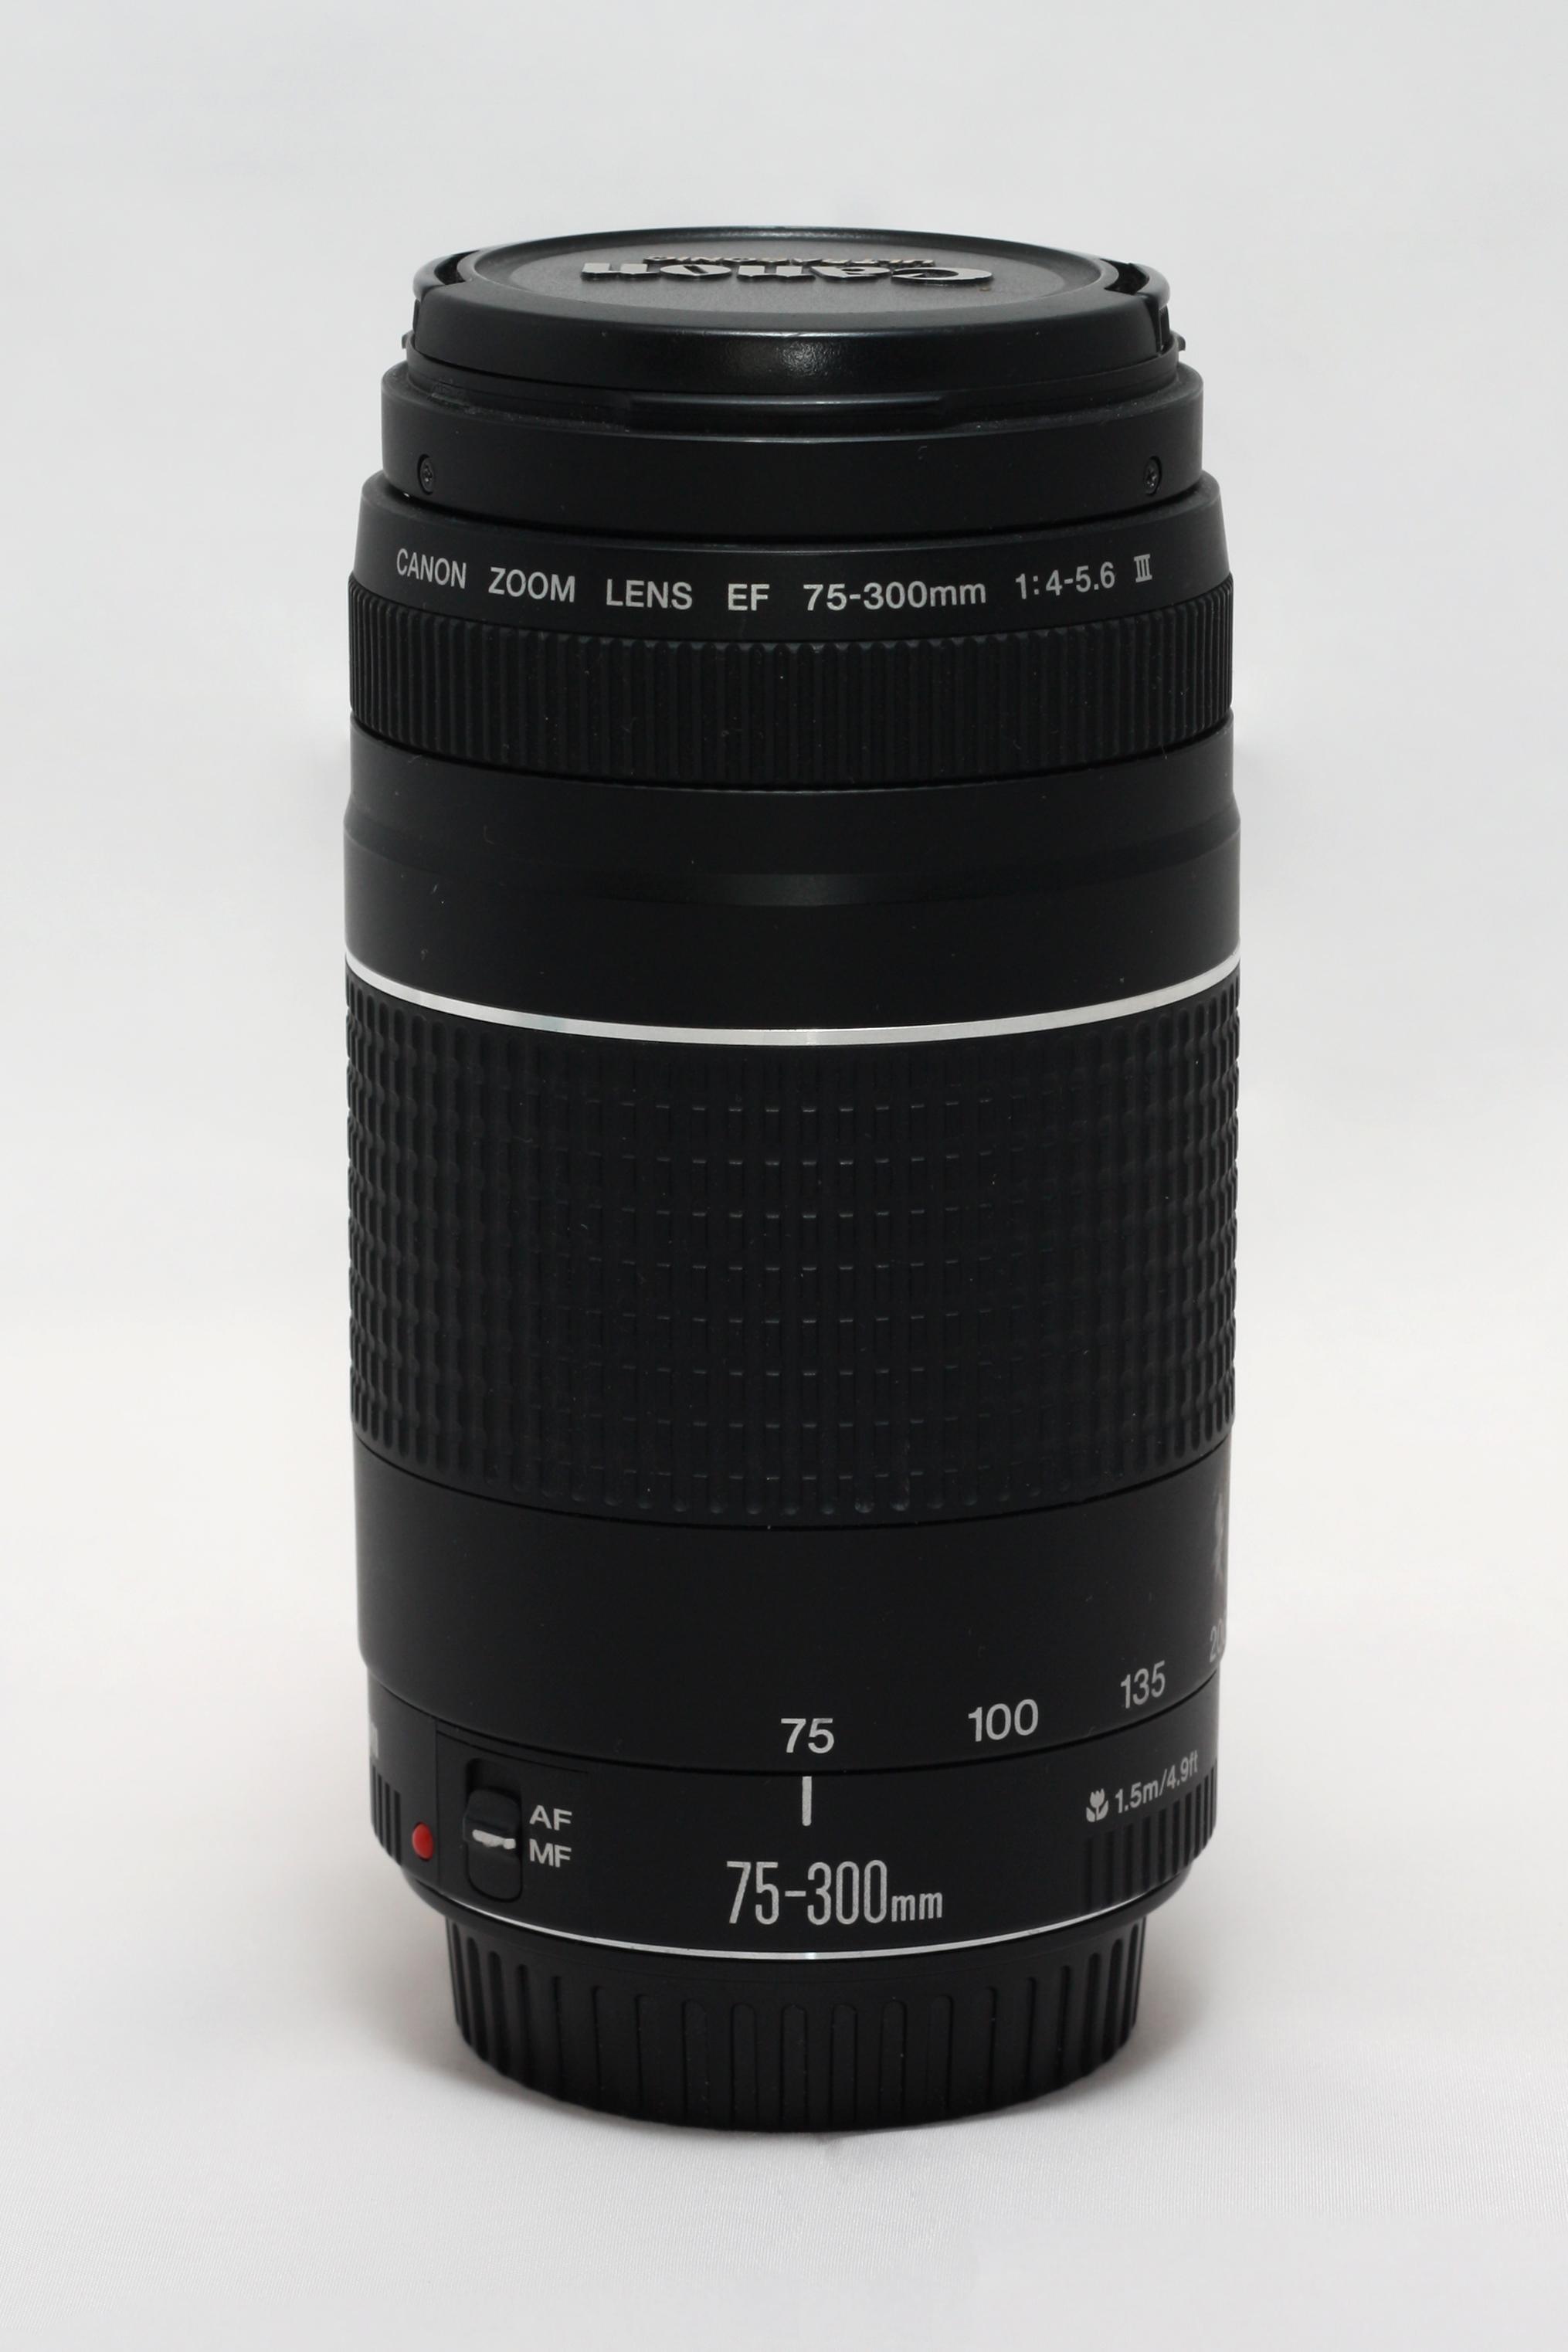 Canon EF 75-300mm f/4-5.6 III foto objektīvs